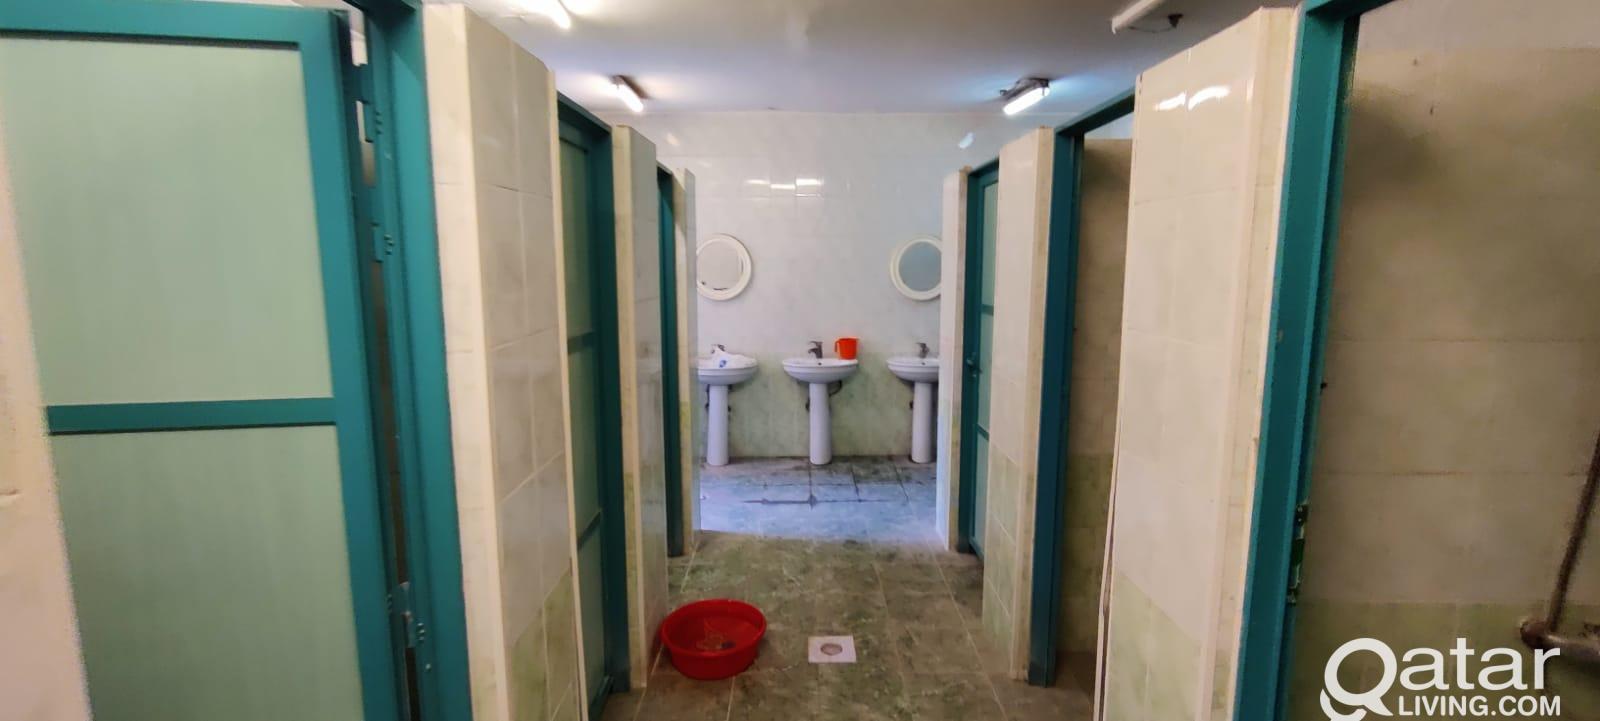 50 Room & 520 Workshop For Rent